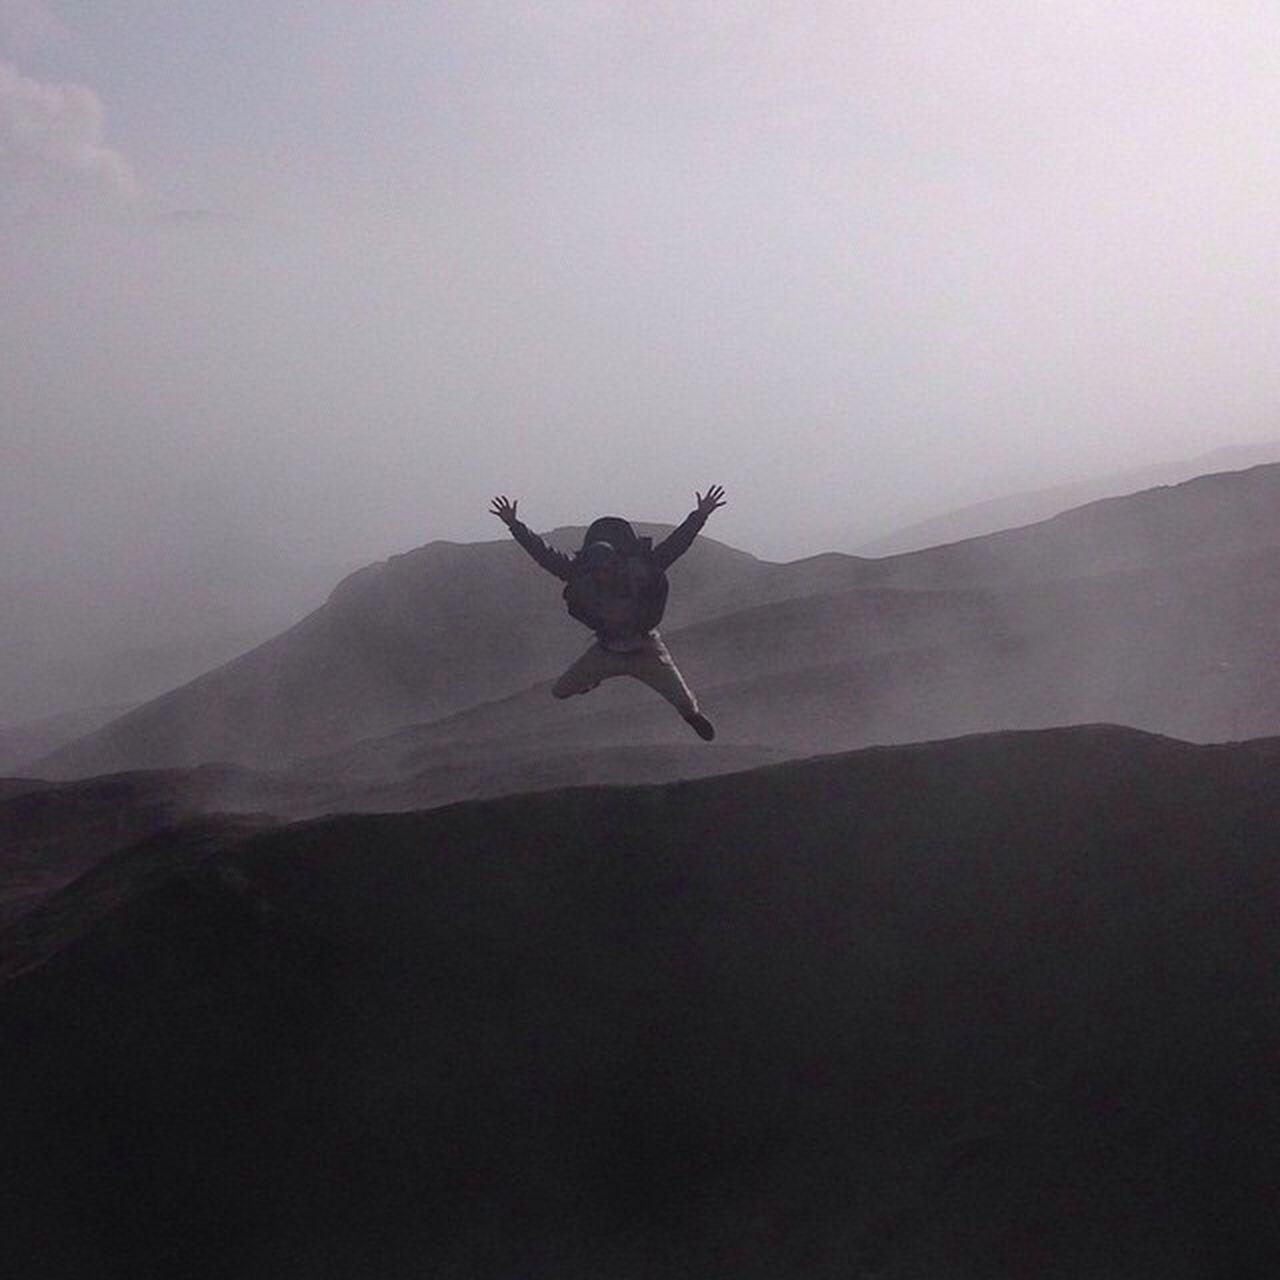 Waaaah Bromo Indoberg Ibelieveicanfly Preciesintzwartwitmaeigenlijkistniezo Bromo Bromo Mountain Jumpshot